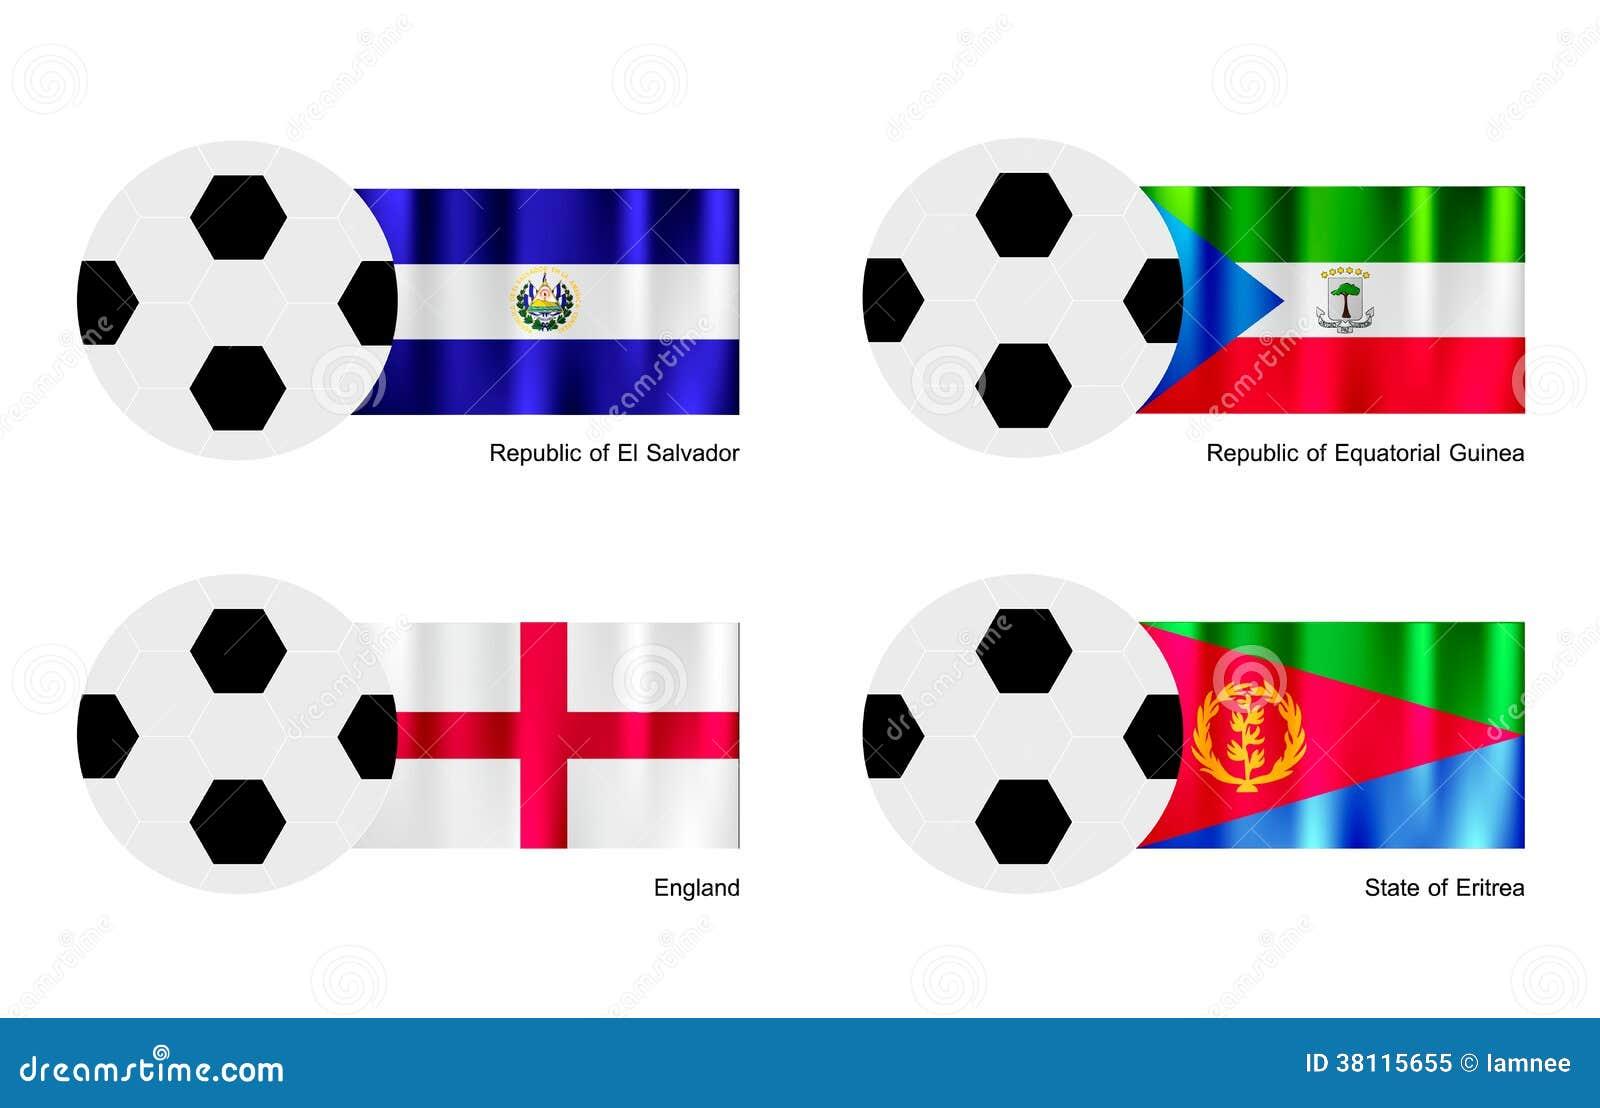 Futebol com a bandeira de El Salvador, de Guiné Equatorial, de Inglaterra e de Eritreia